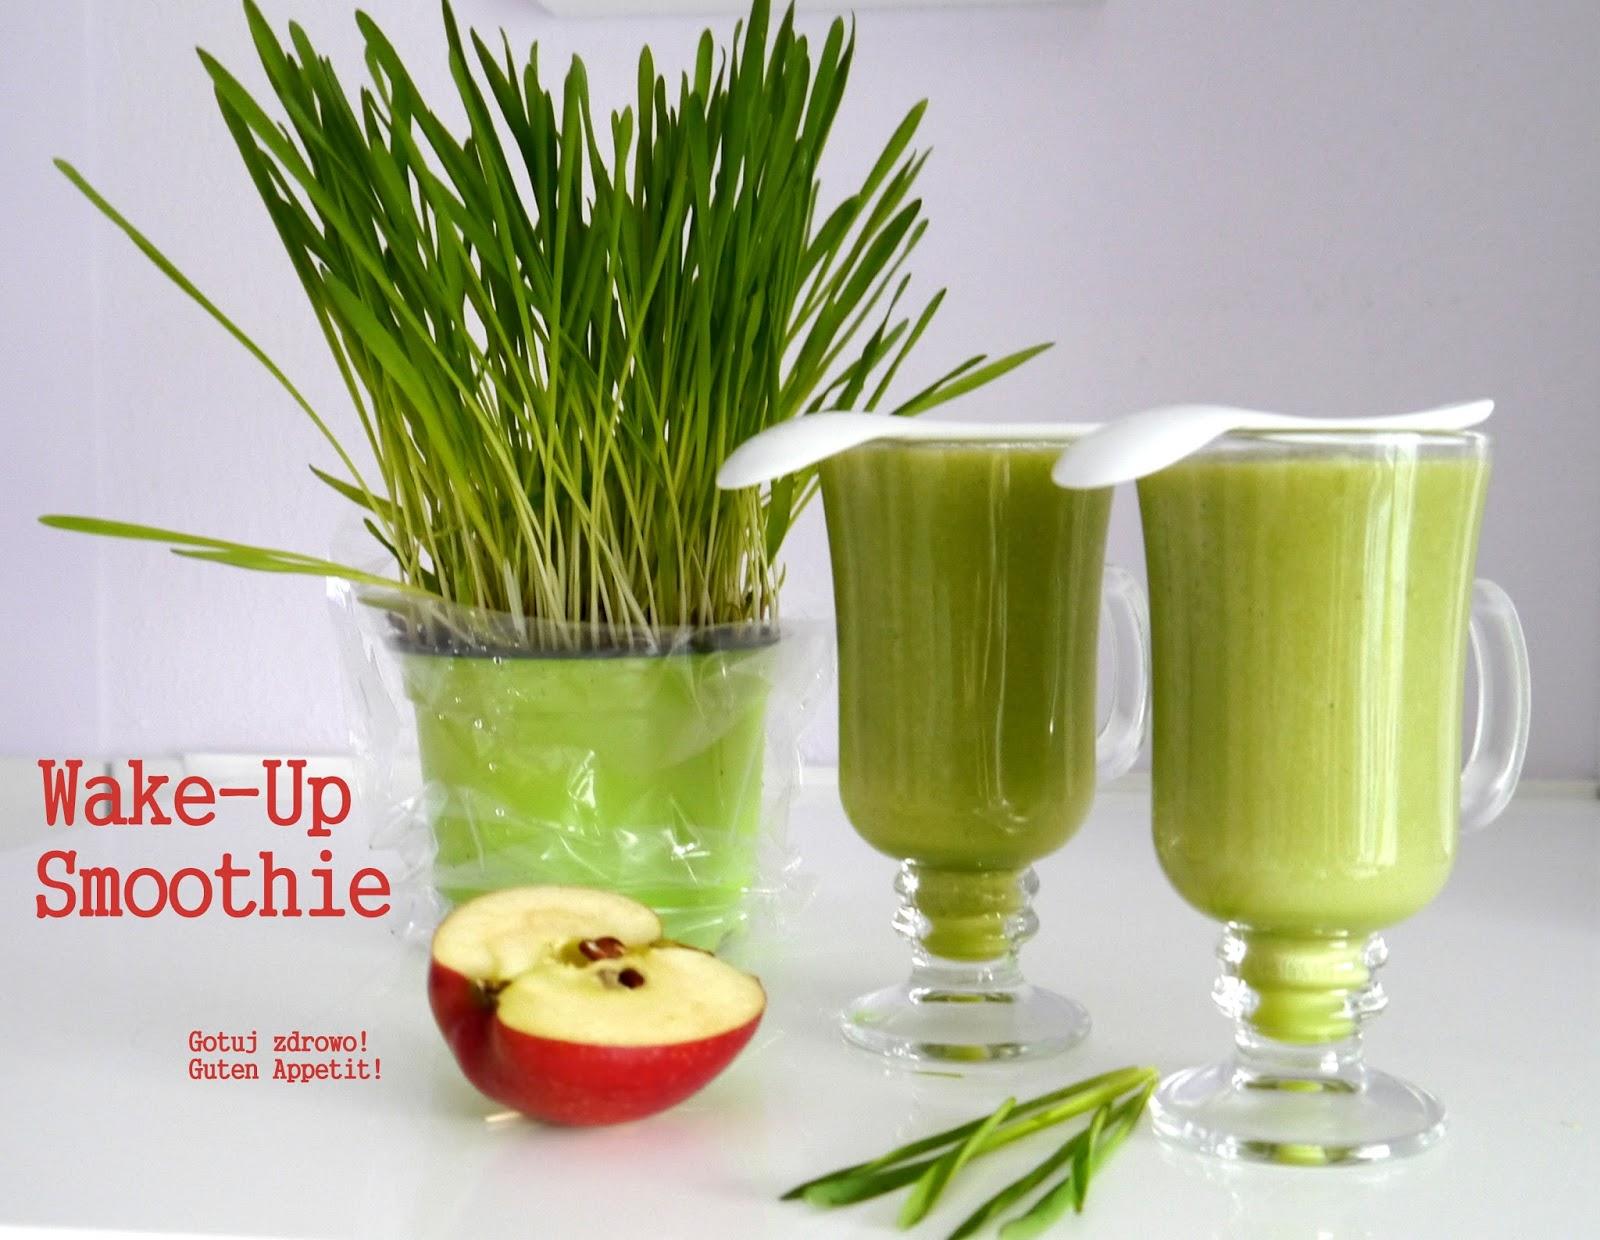 suplement diety az zielony jęczmień